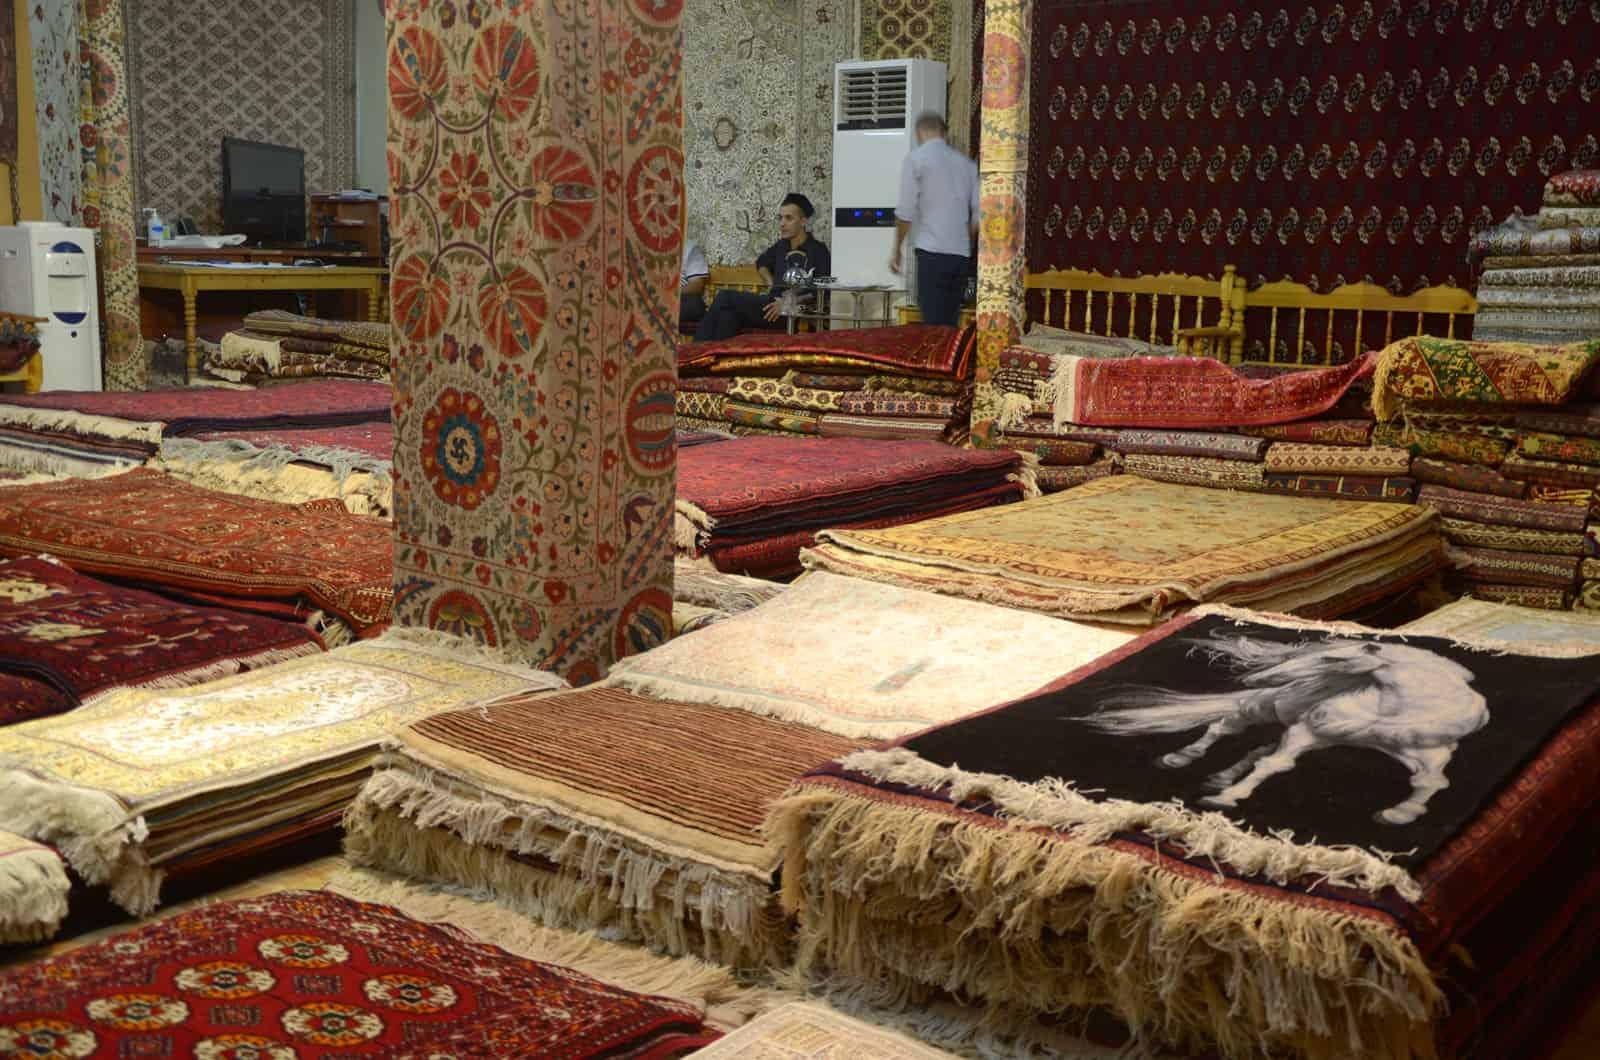 Persiske tæpper i Isfahan